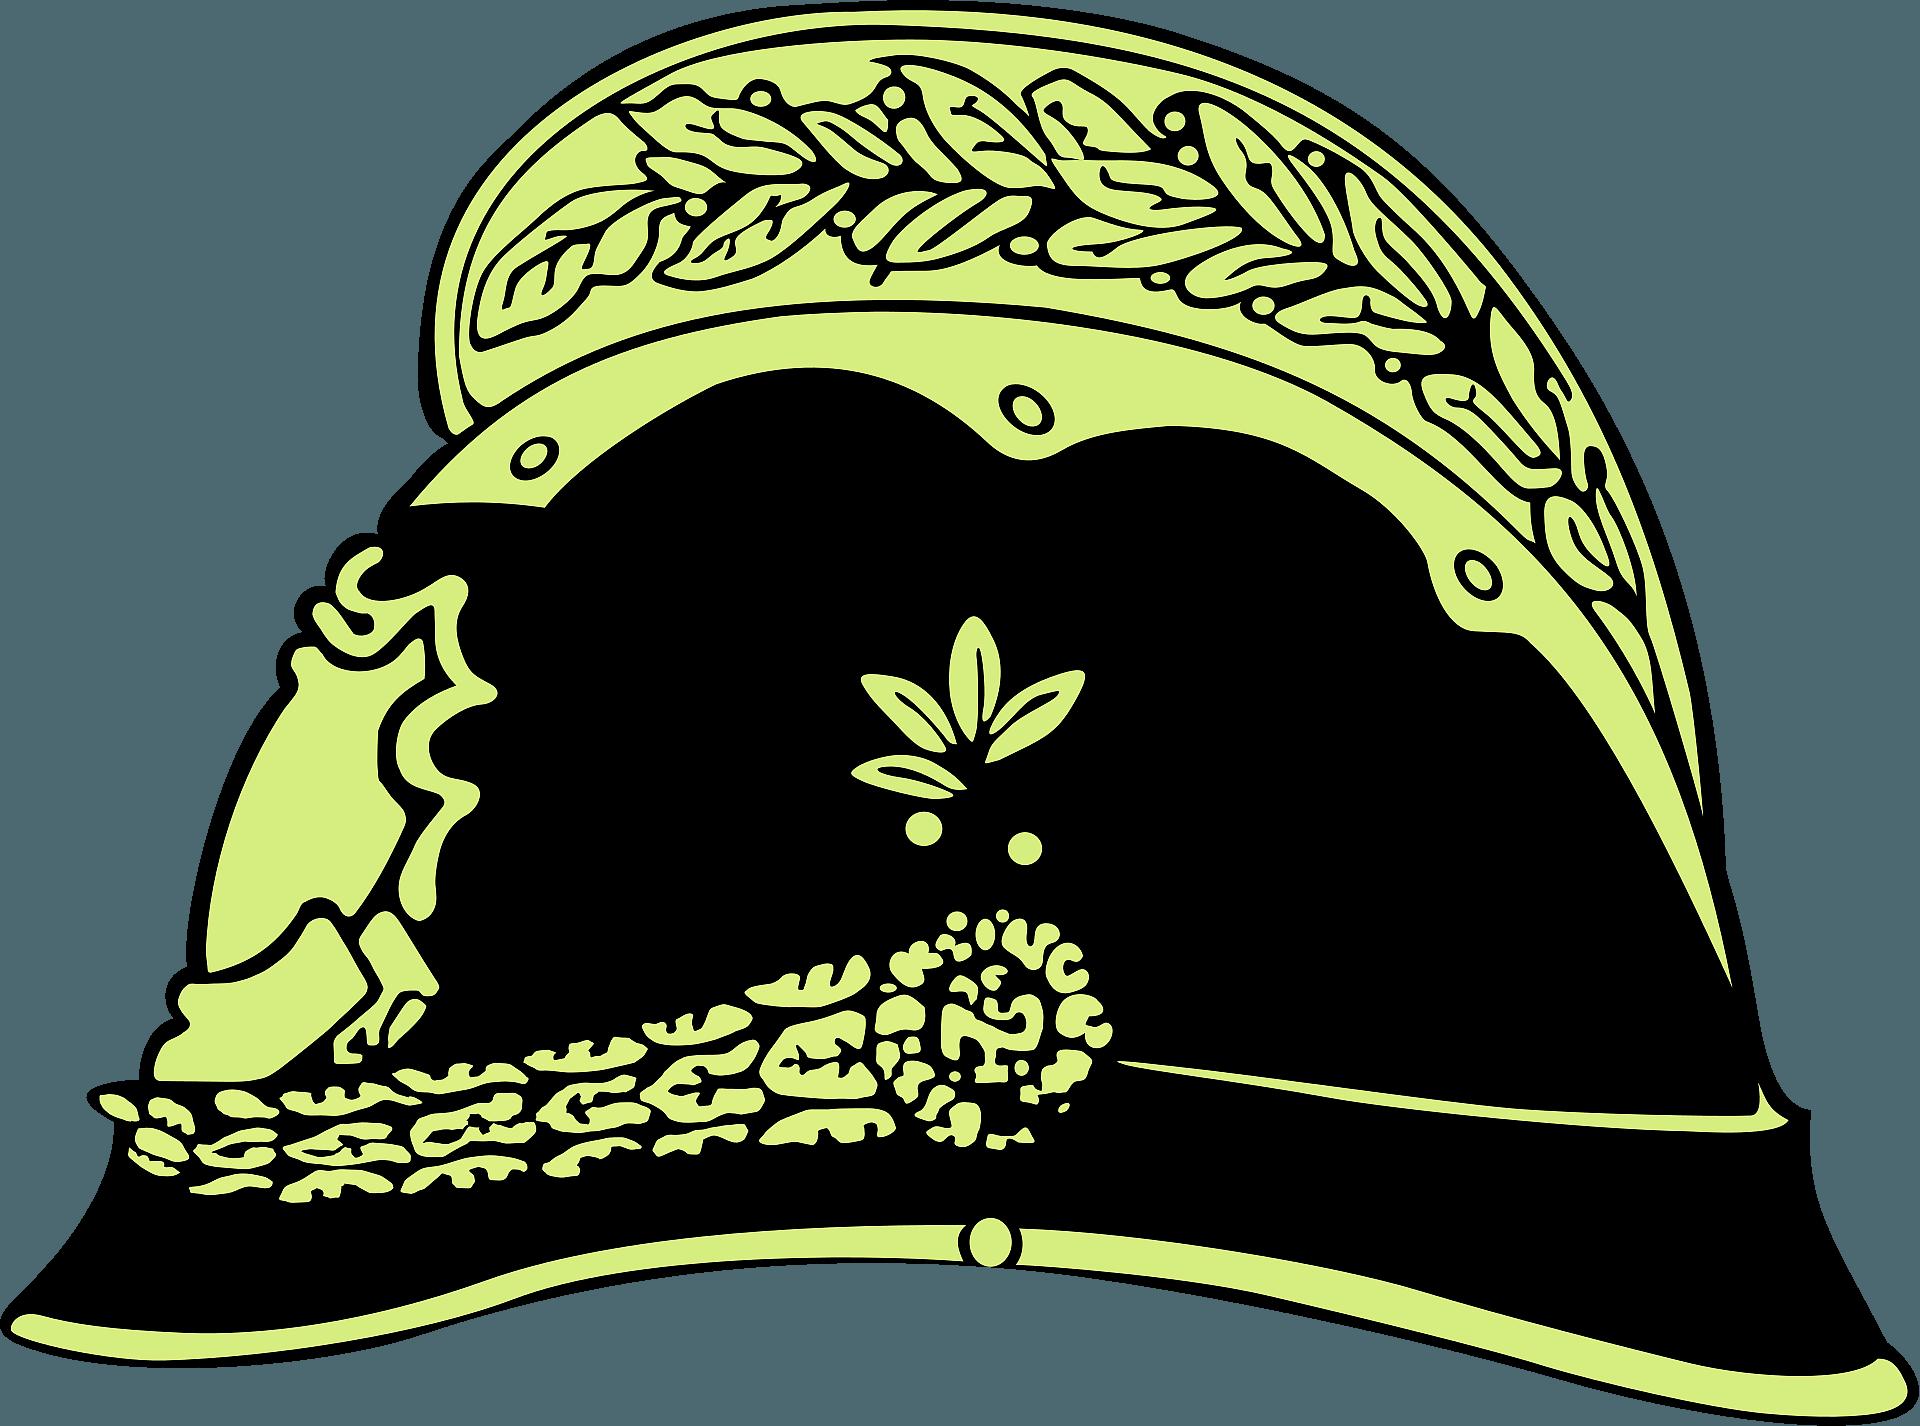 Old Fireman Helmet Clipart Free Download Transparent Png Creazilla